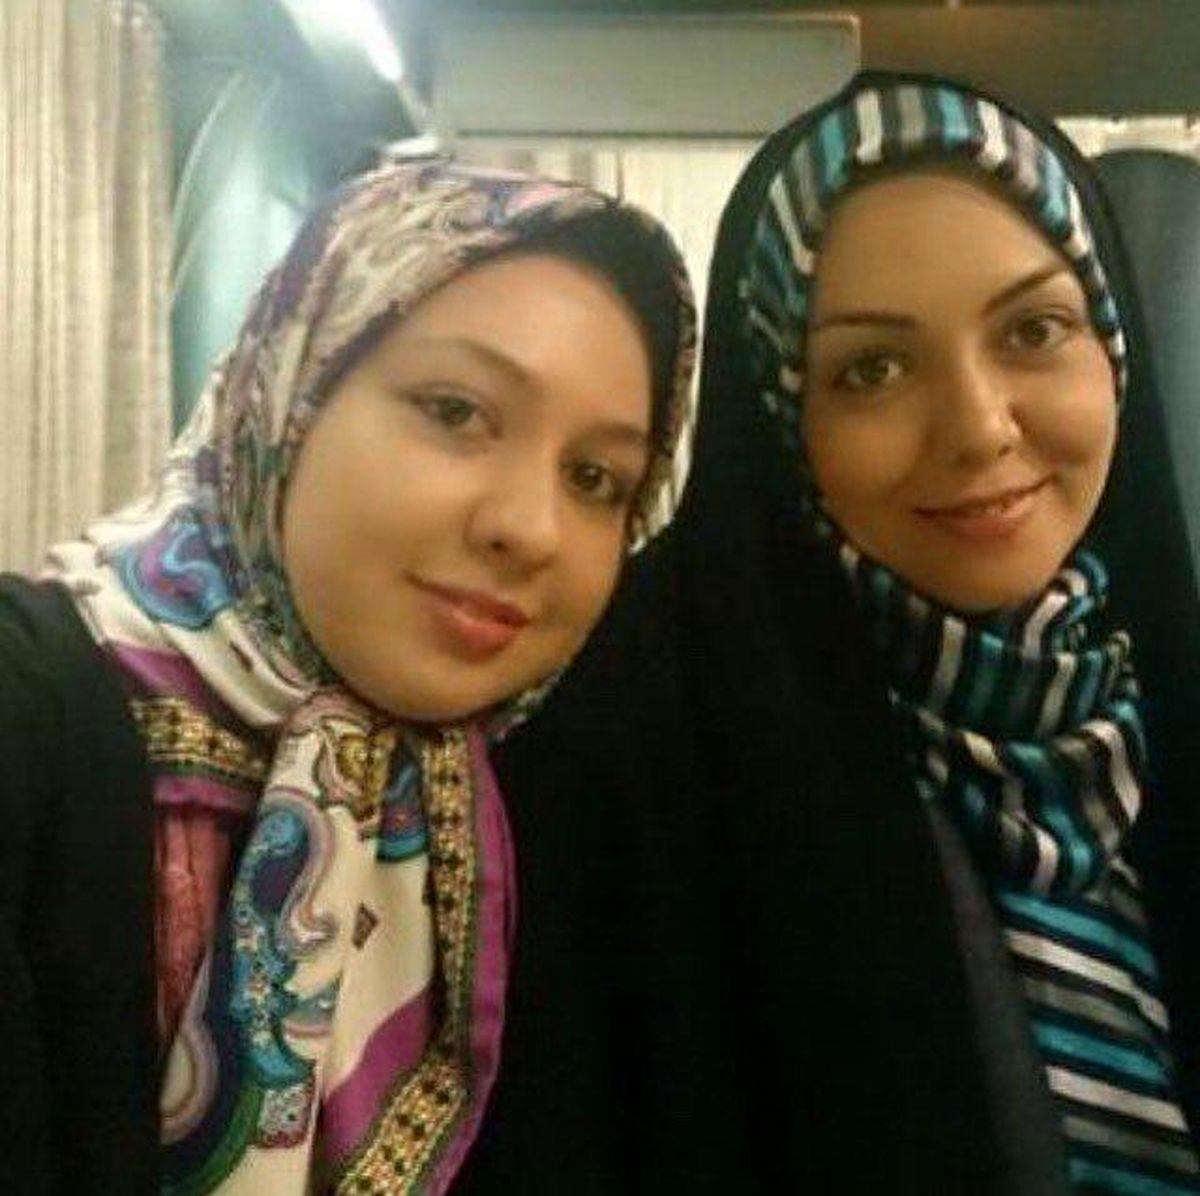 آزاده نامداری در کنار خواهرش آذین +عکس